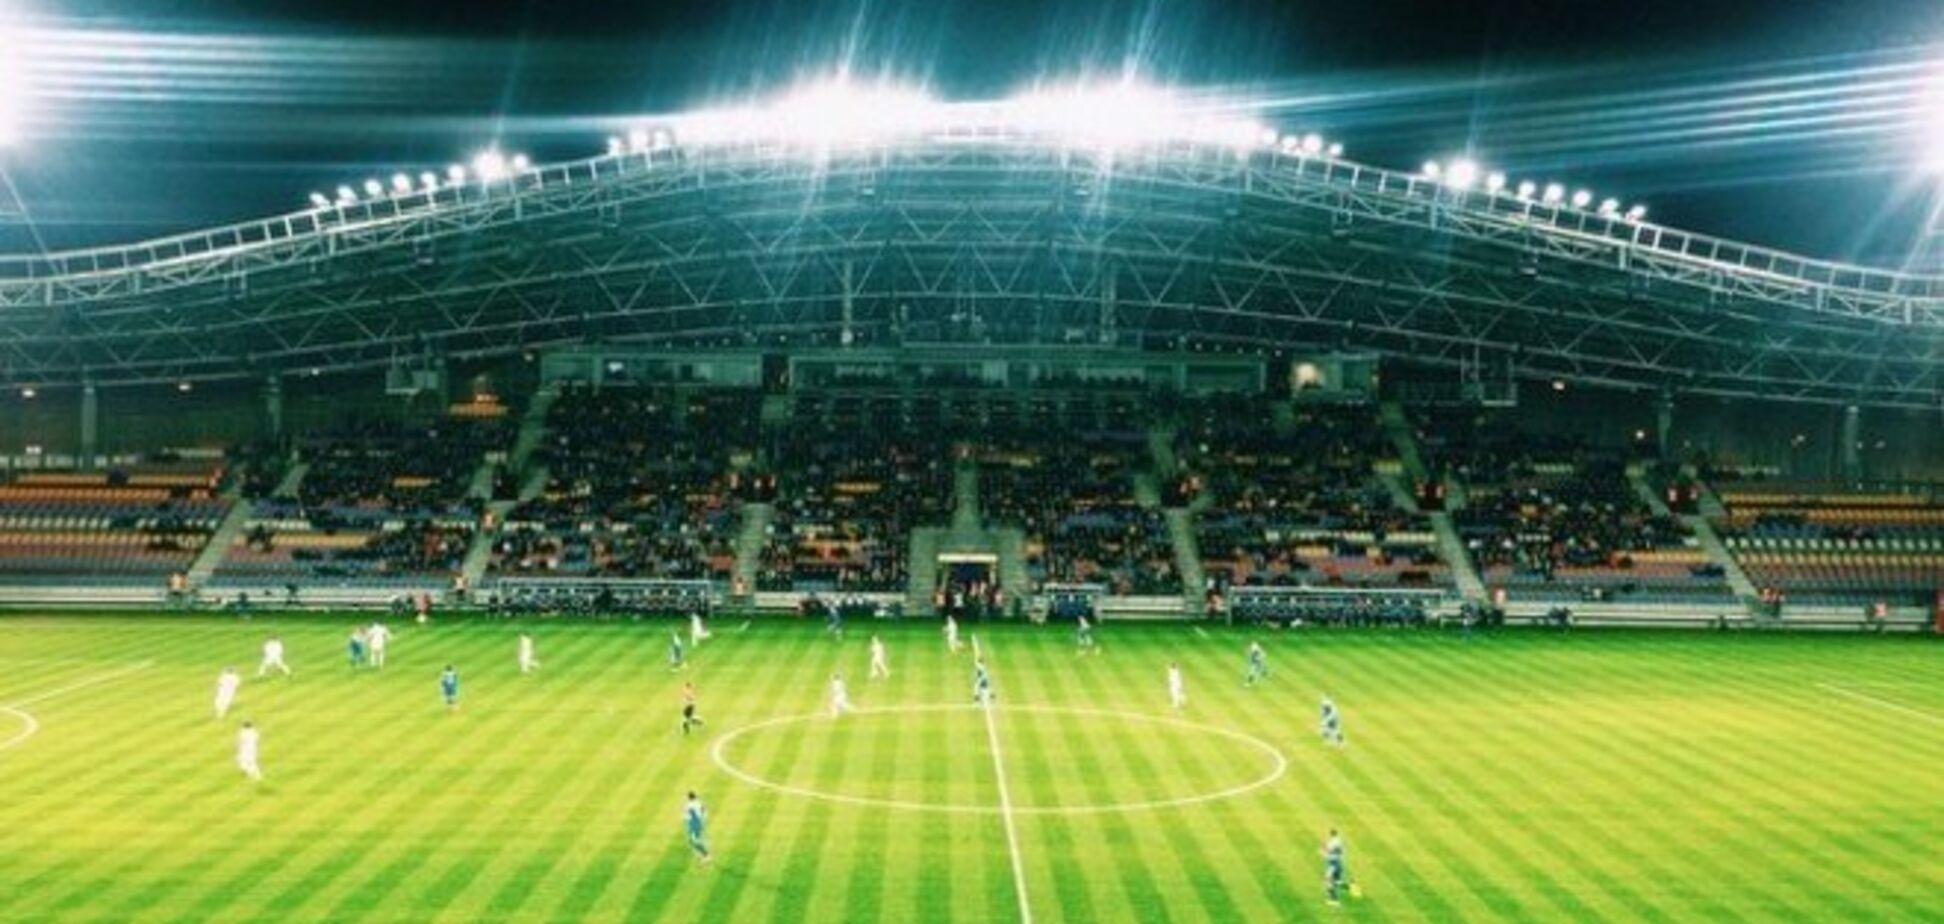 Появилось видео, как весь стадион на матче Беларусь - Украина поет 'Путин - х*йло'